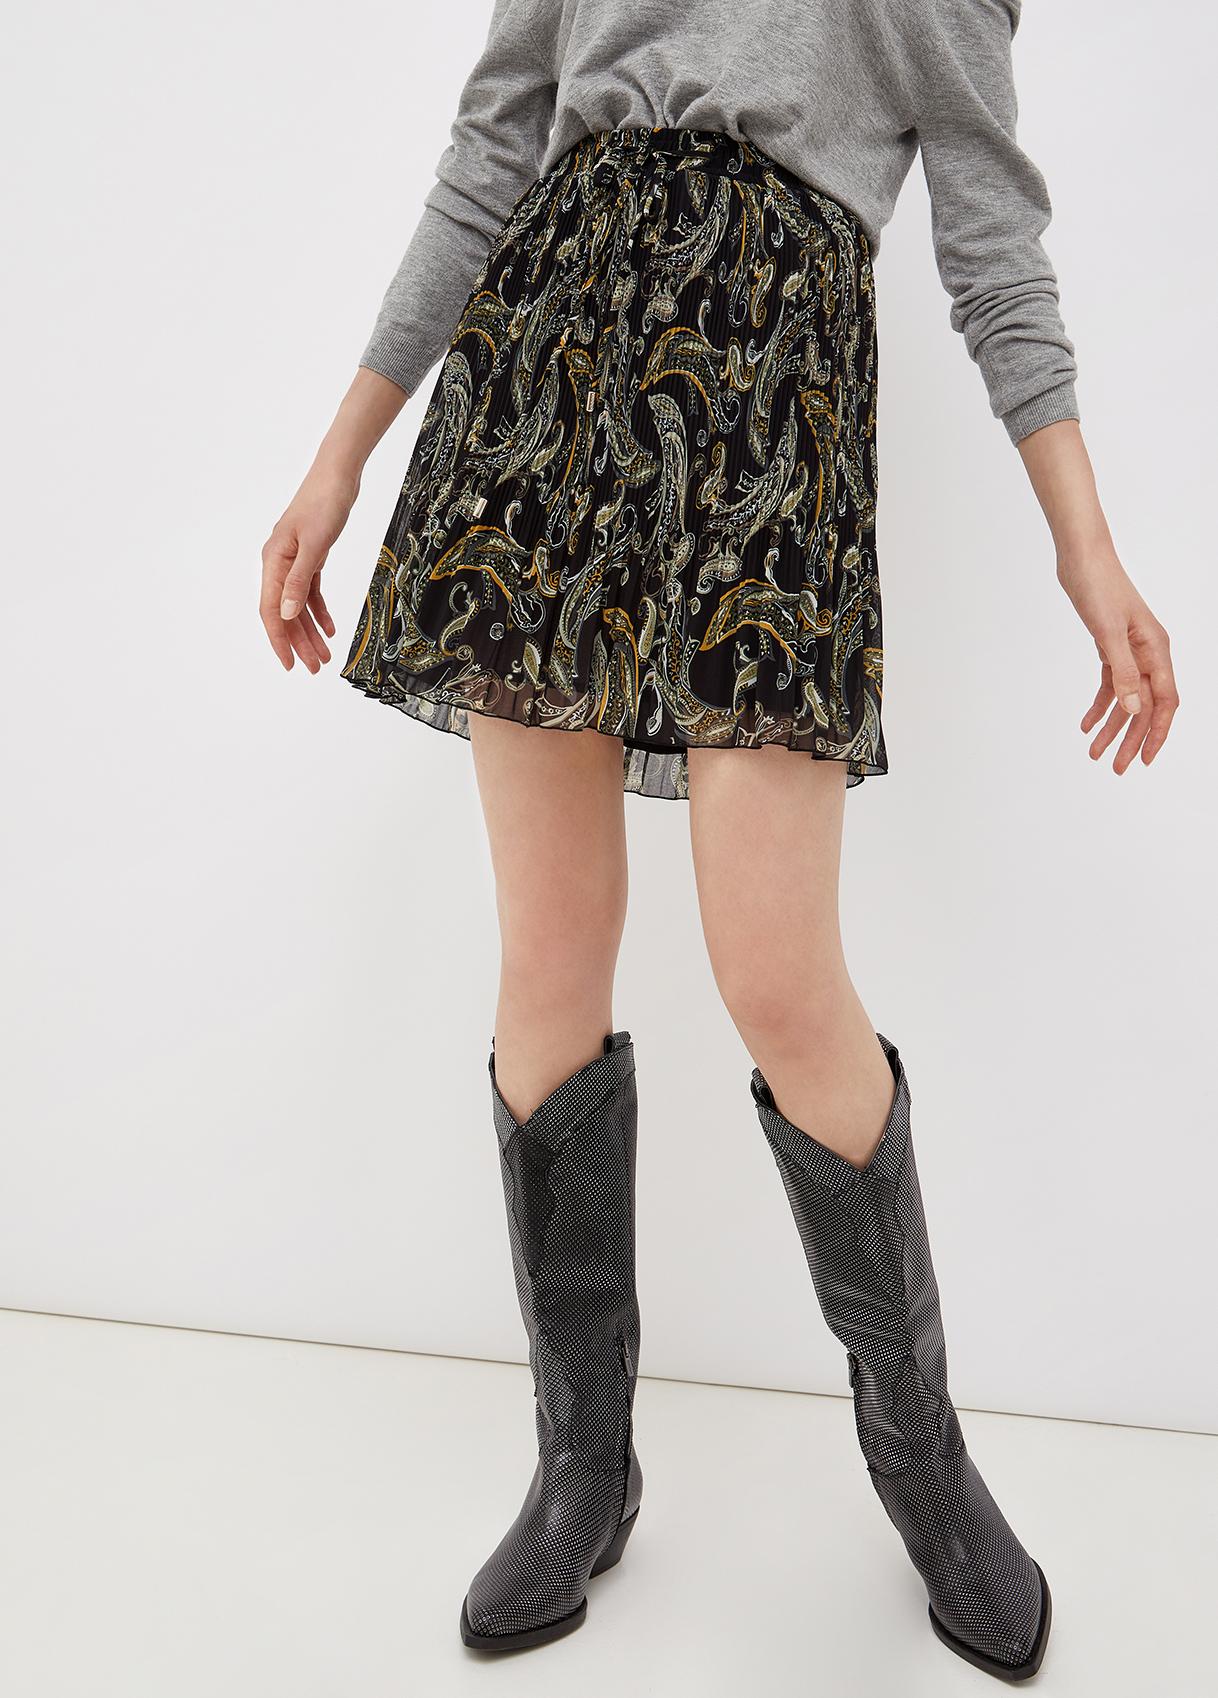 Forest skirt  LIU JO | Skirts | WF1341T5975T9977